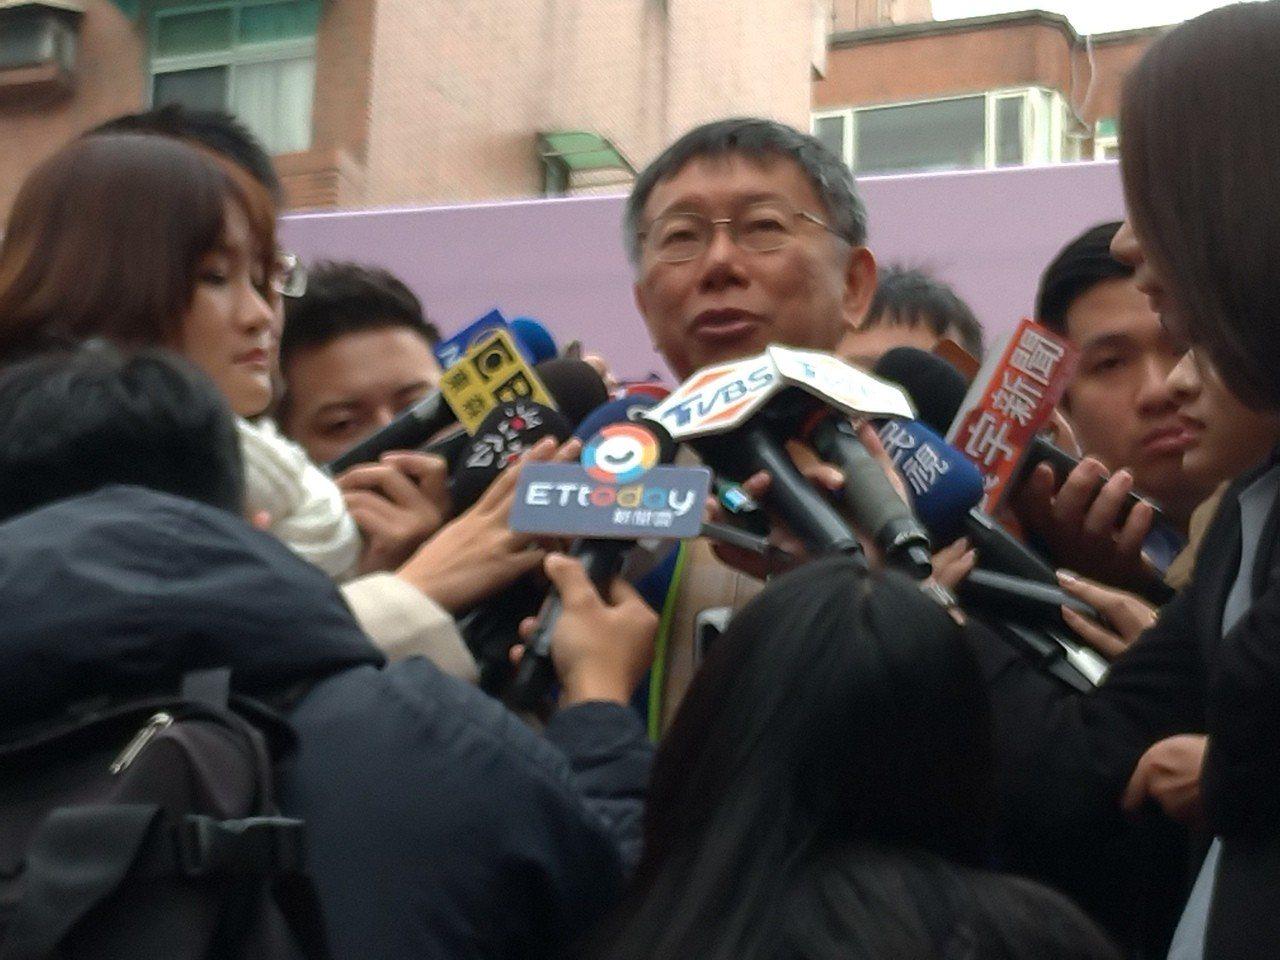 台北市長柯文哲今早出席江南市場啟用後受訪。記者莊琇閔/攝影